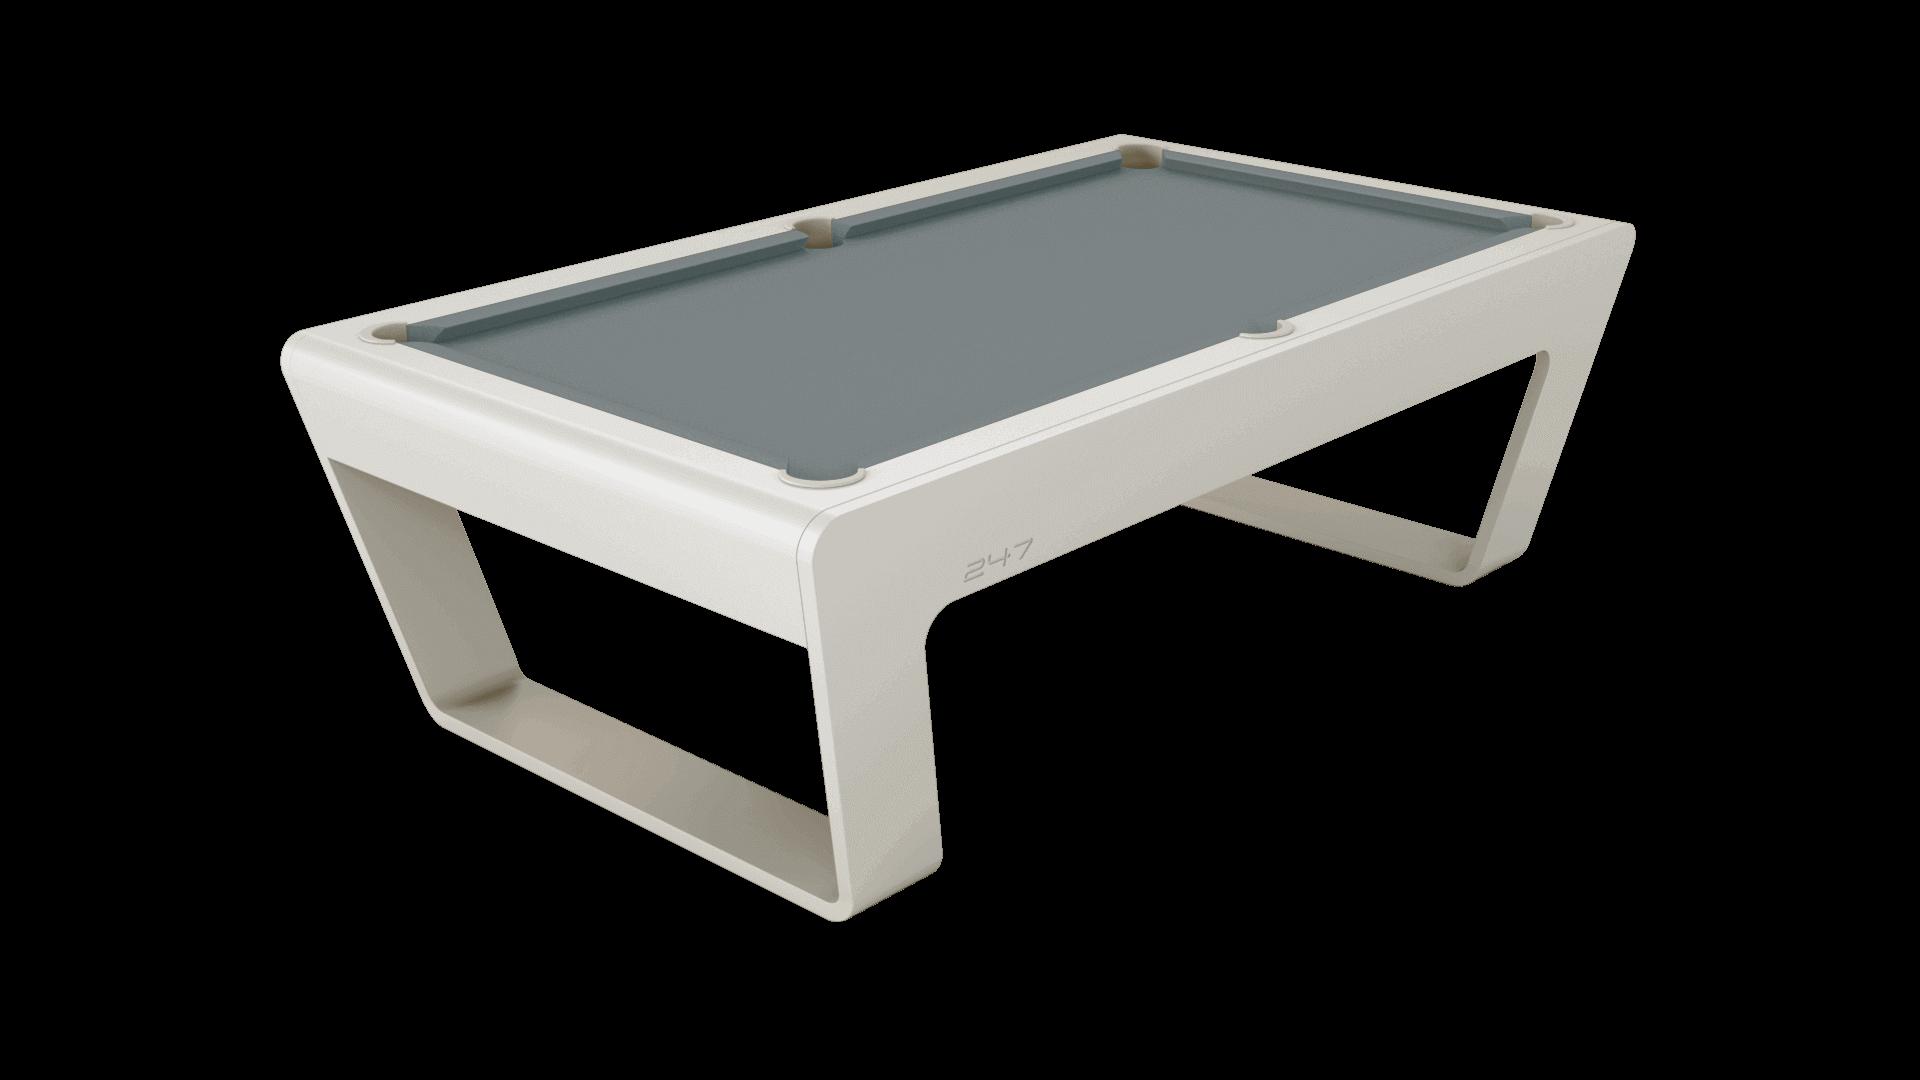 247 Billiards Tisch pearlgray